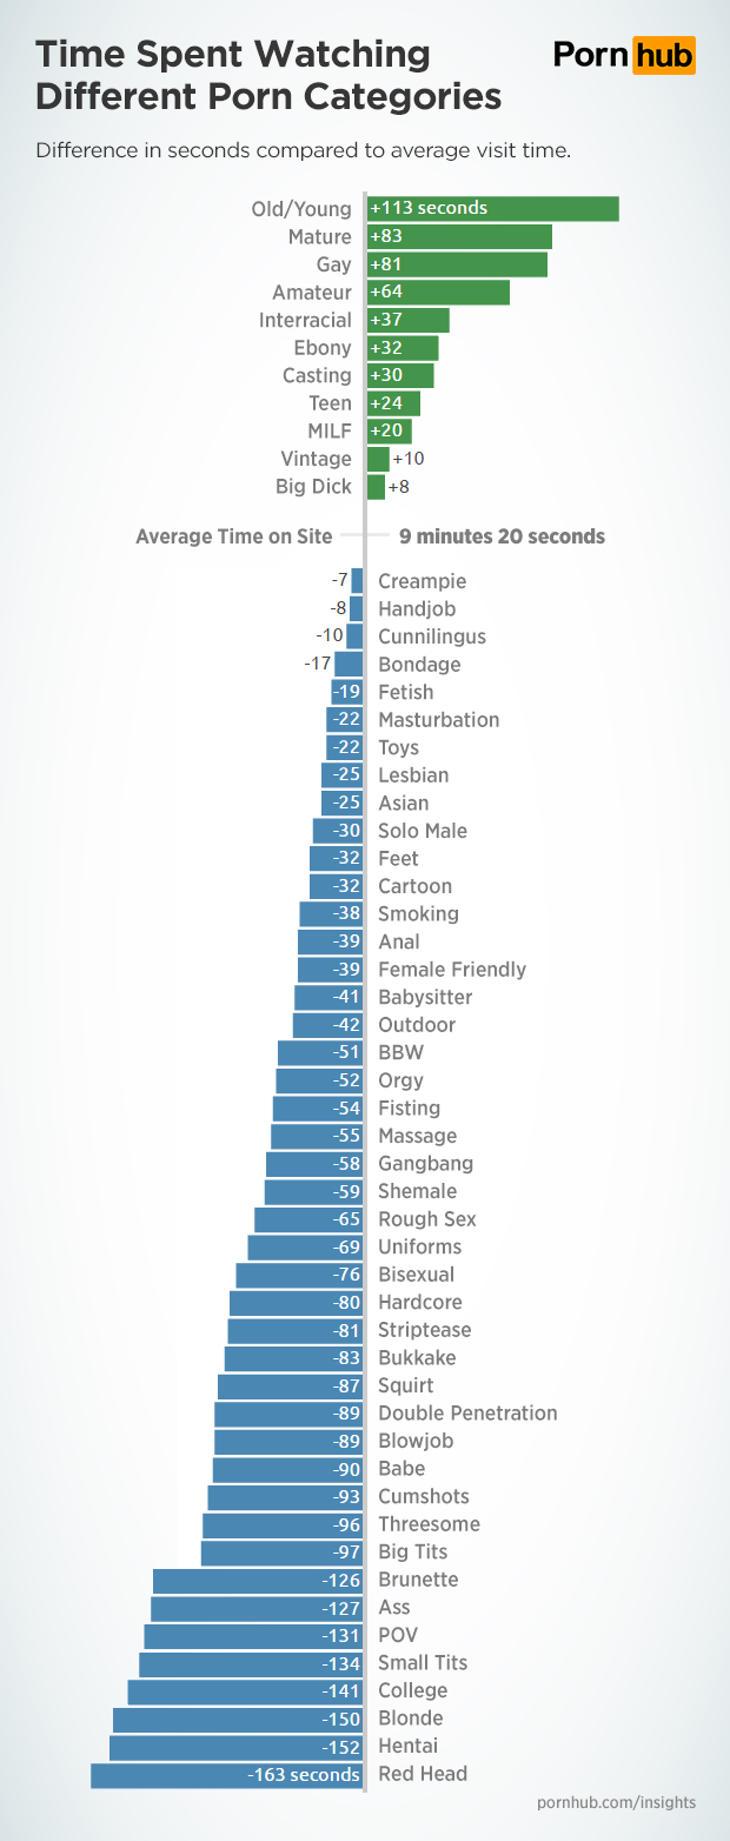 El porno de pelirrojos, en el que menos tiempo invierten los usuarios